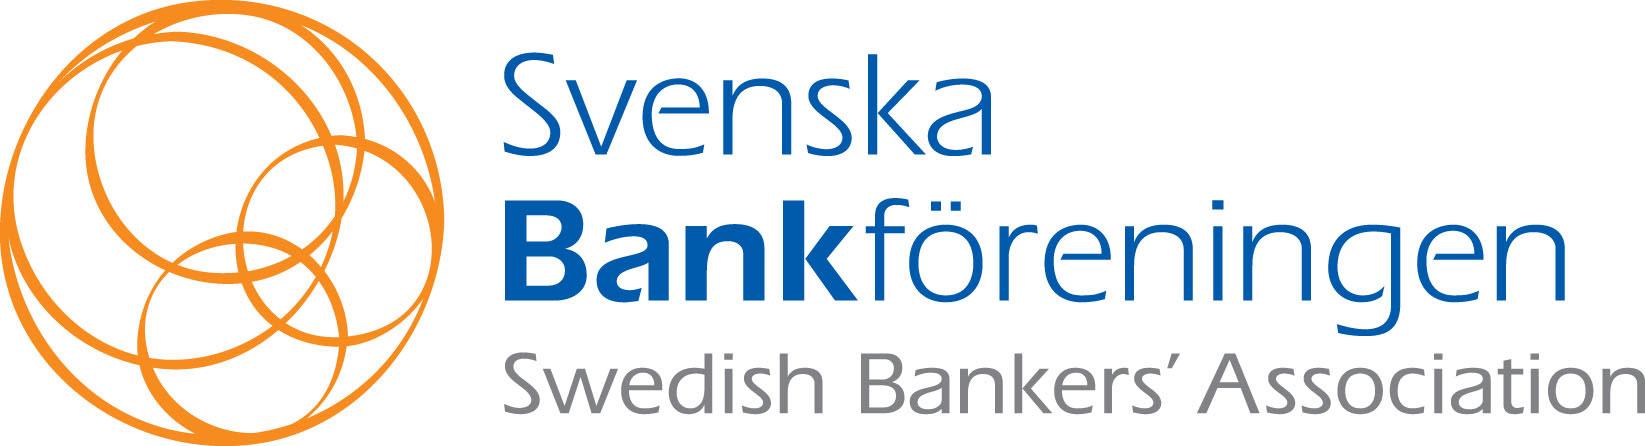 Svenska Bankföreningen